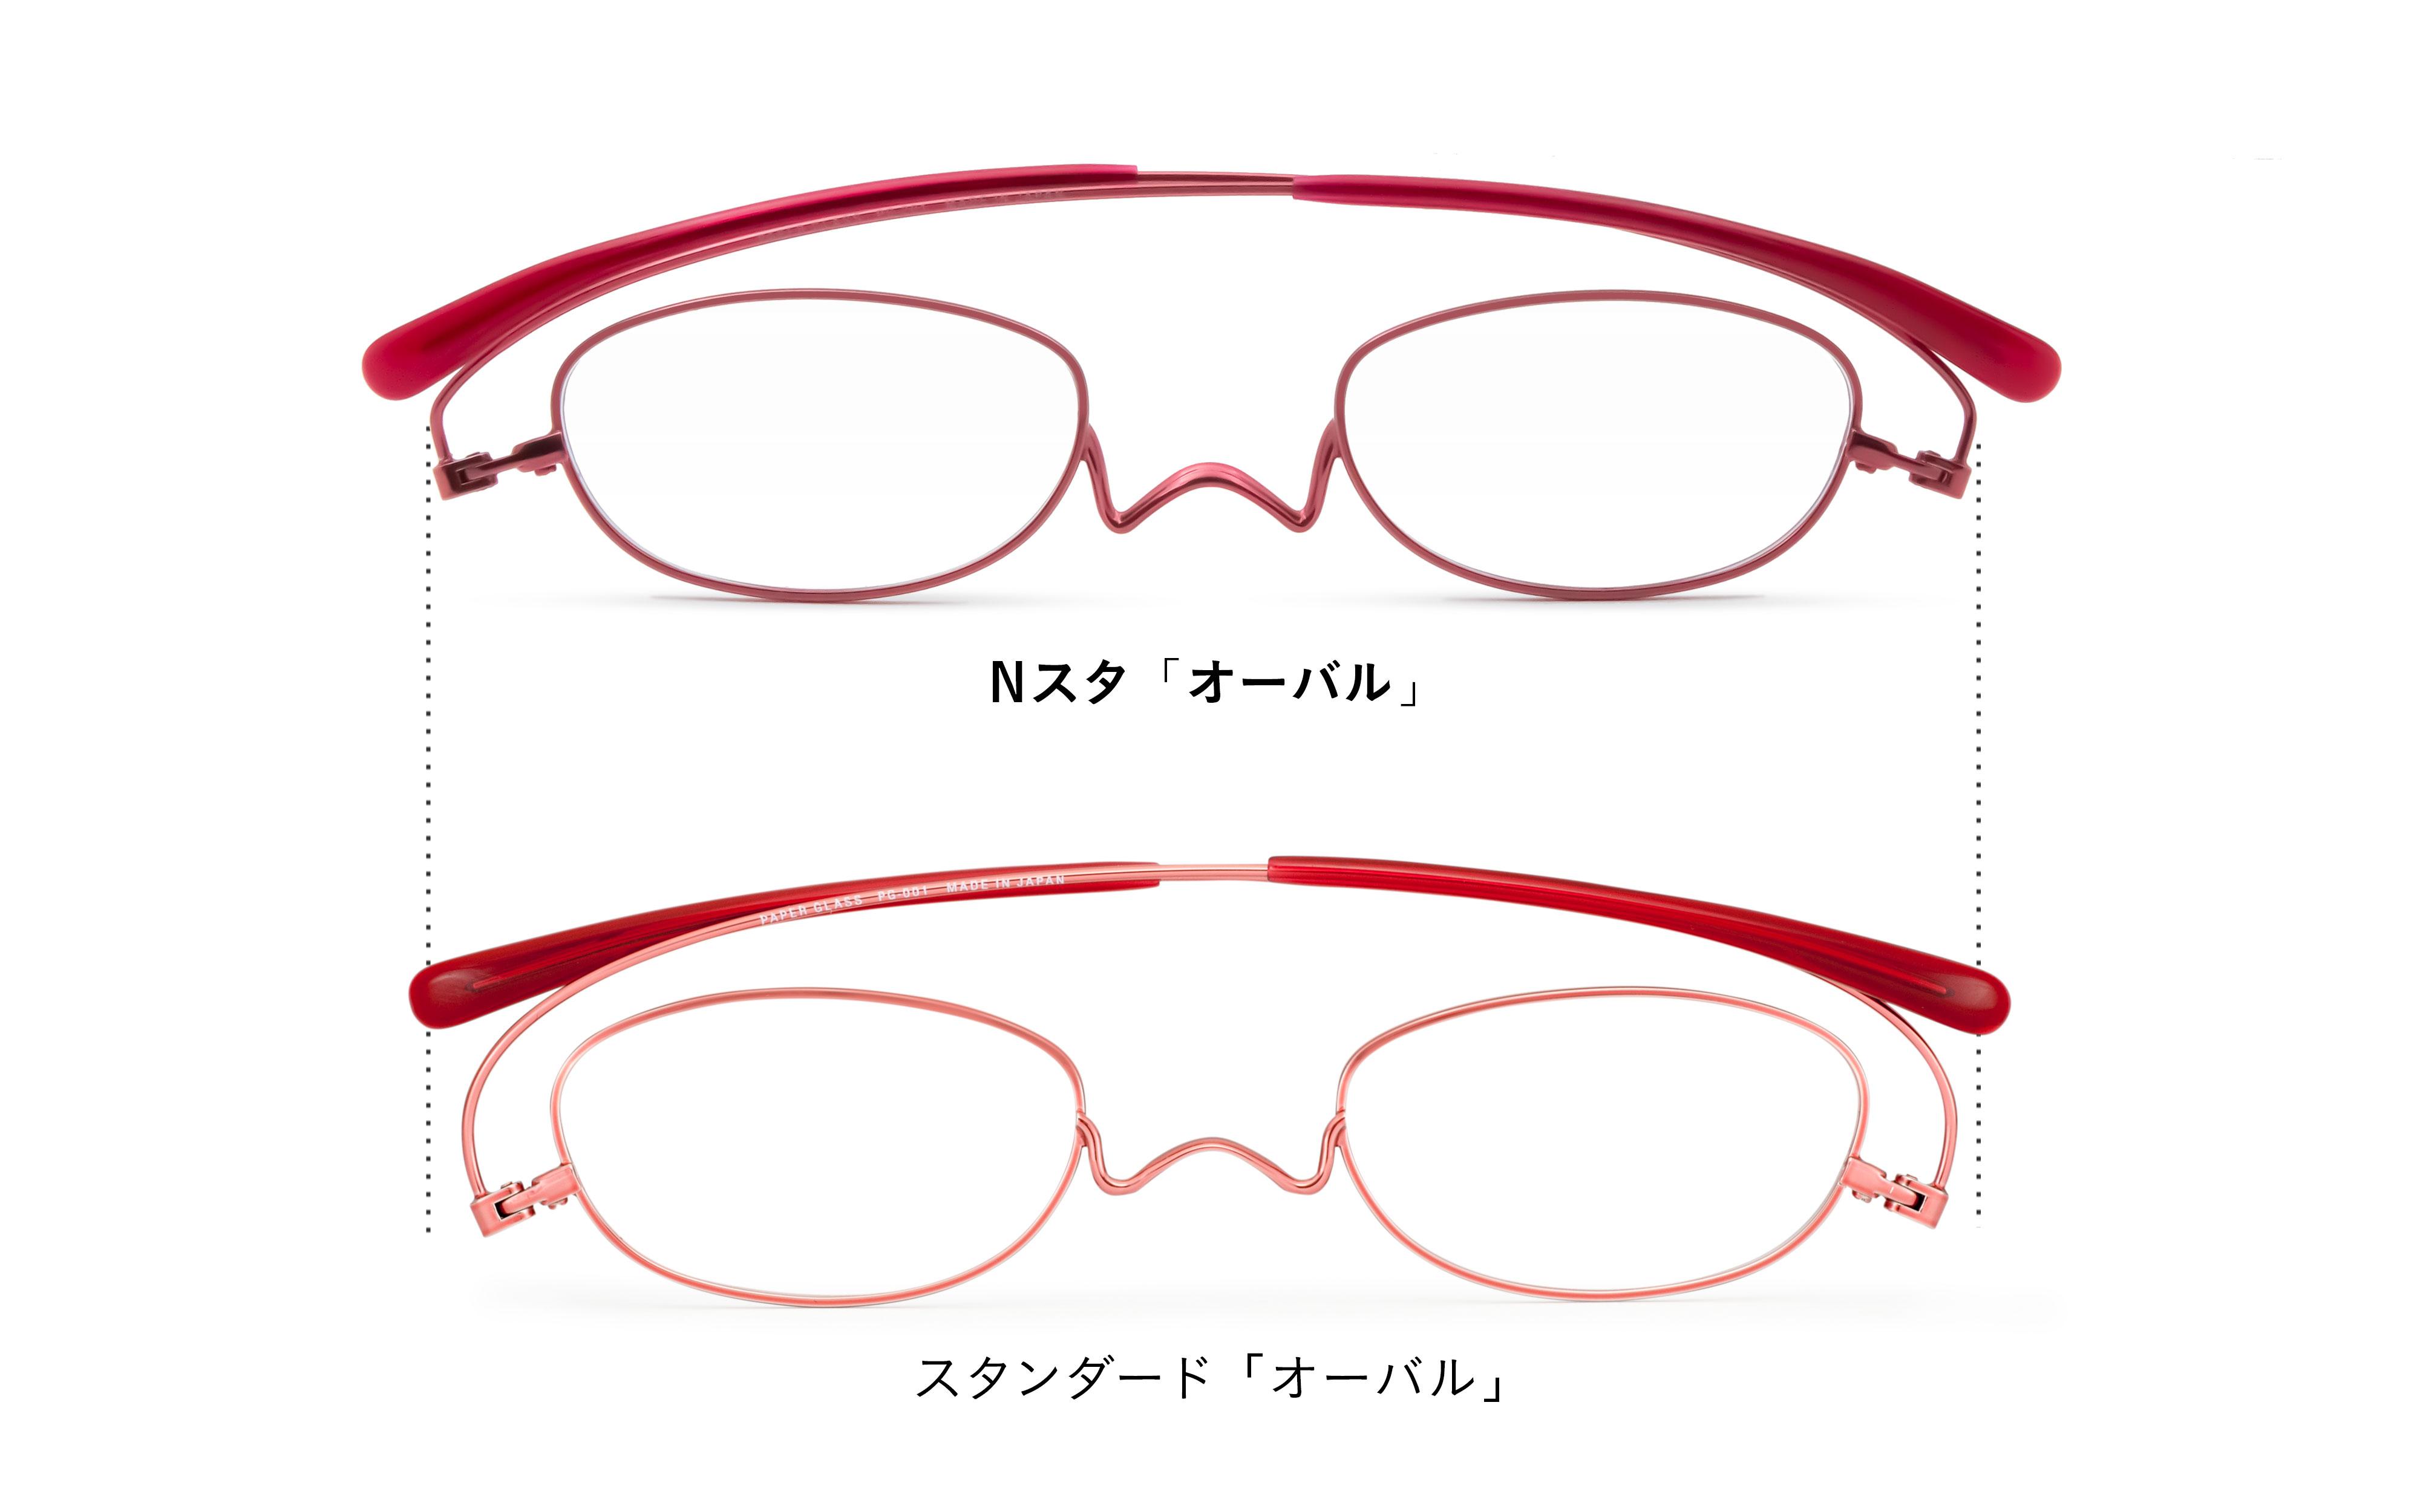 薄型 老眼鏡 ペーパーグラス Nスタ ベーシック